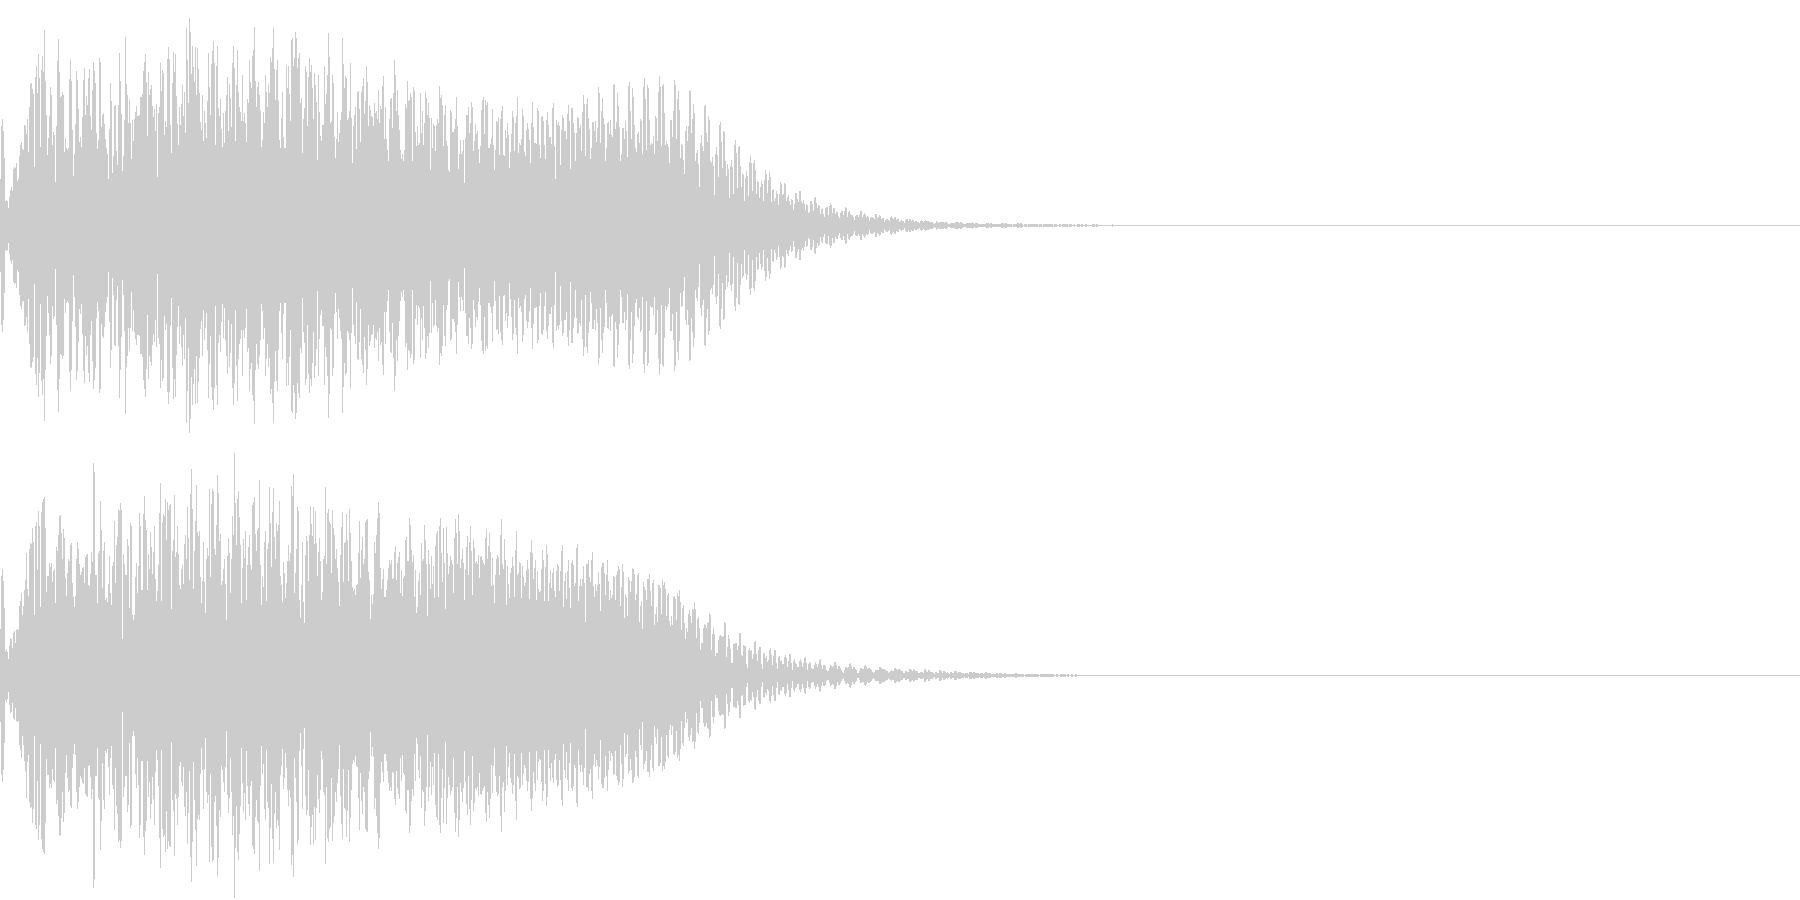 キュイン 光 ピカーン フラッシュ 09の未再生の波形